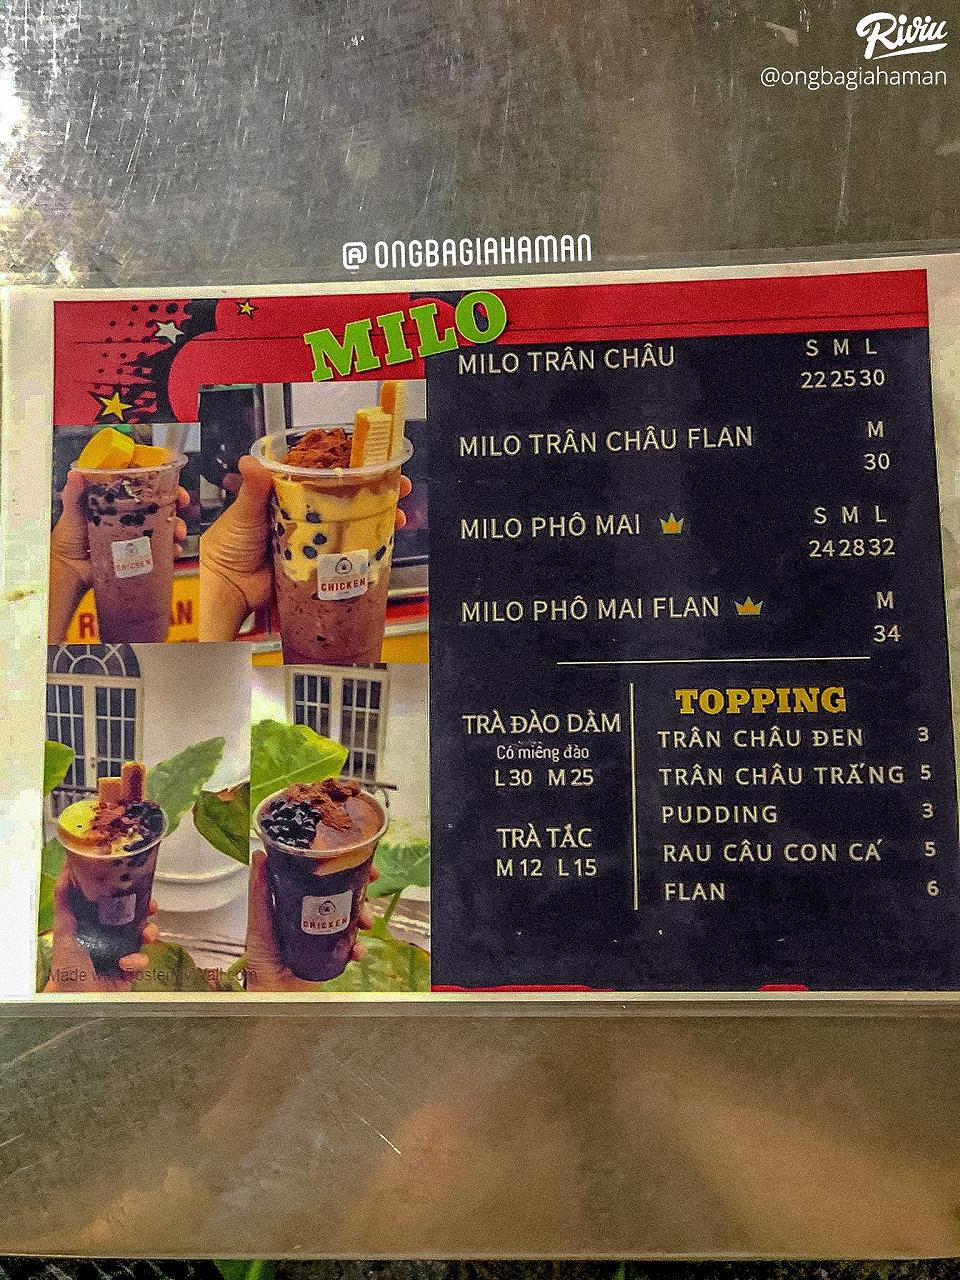 cheese chicken - milo dam & ga ran - anh 10